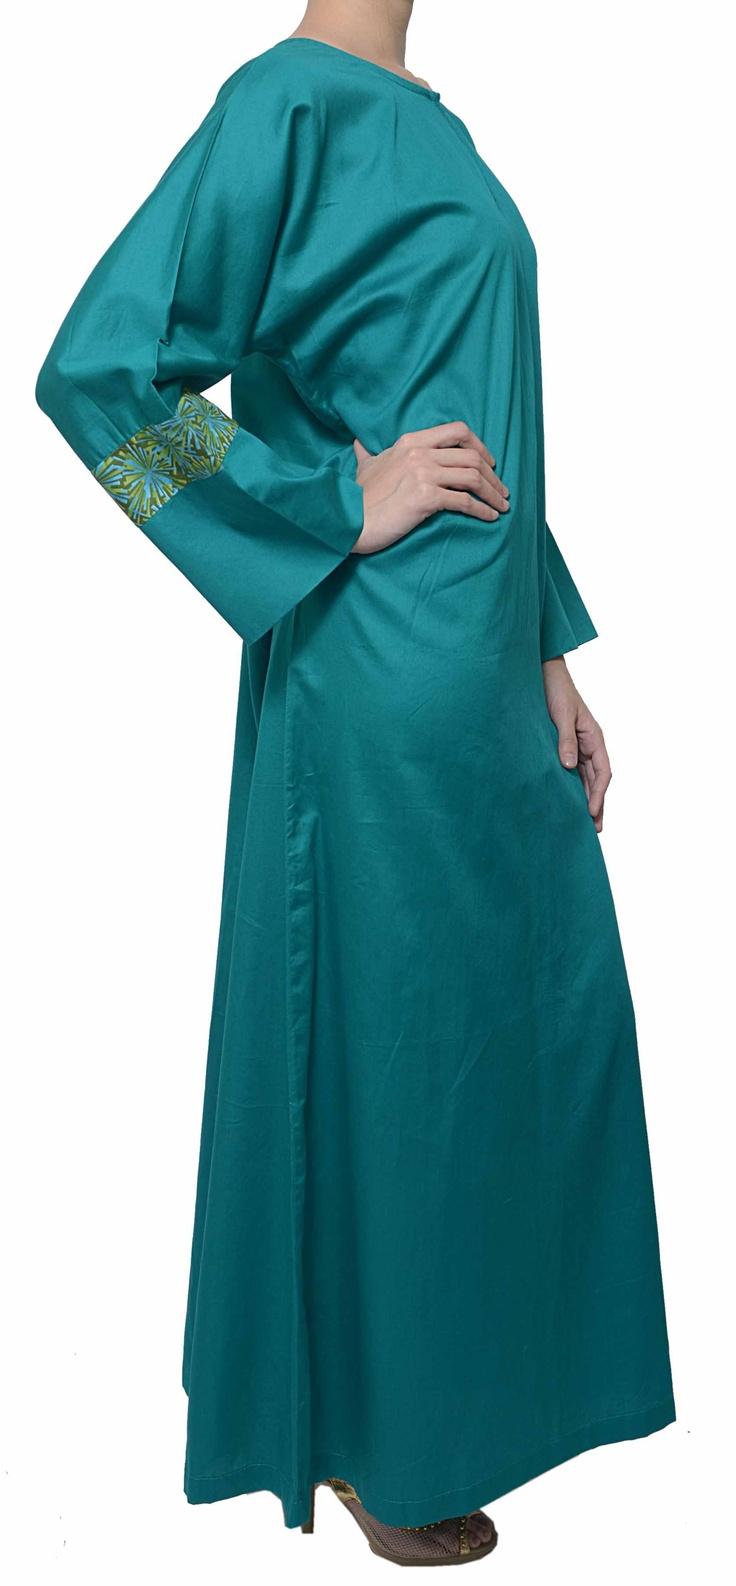 Innai www.fashionvalet.com